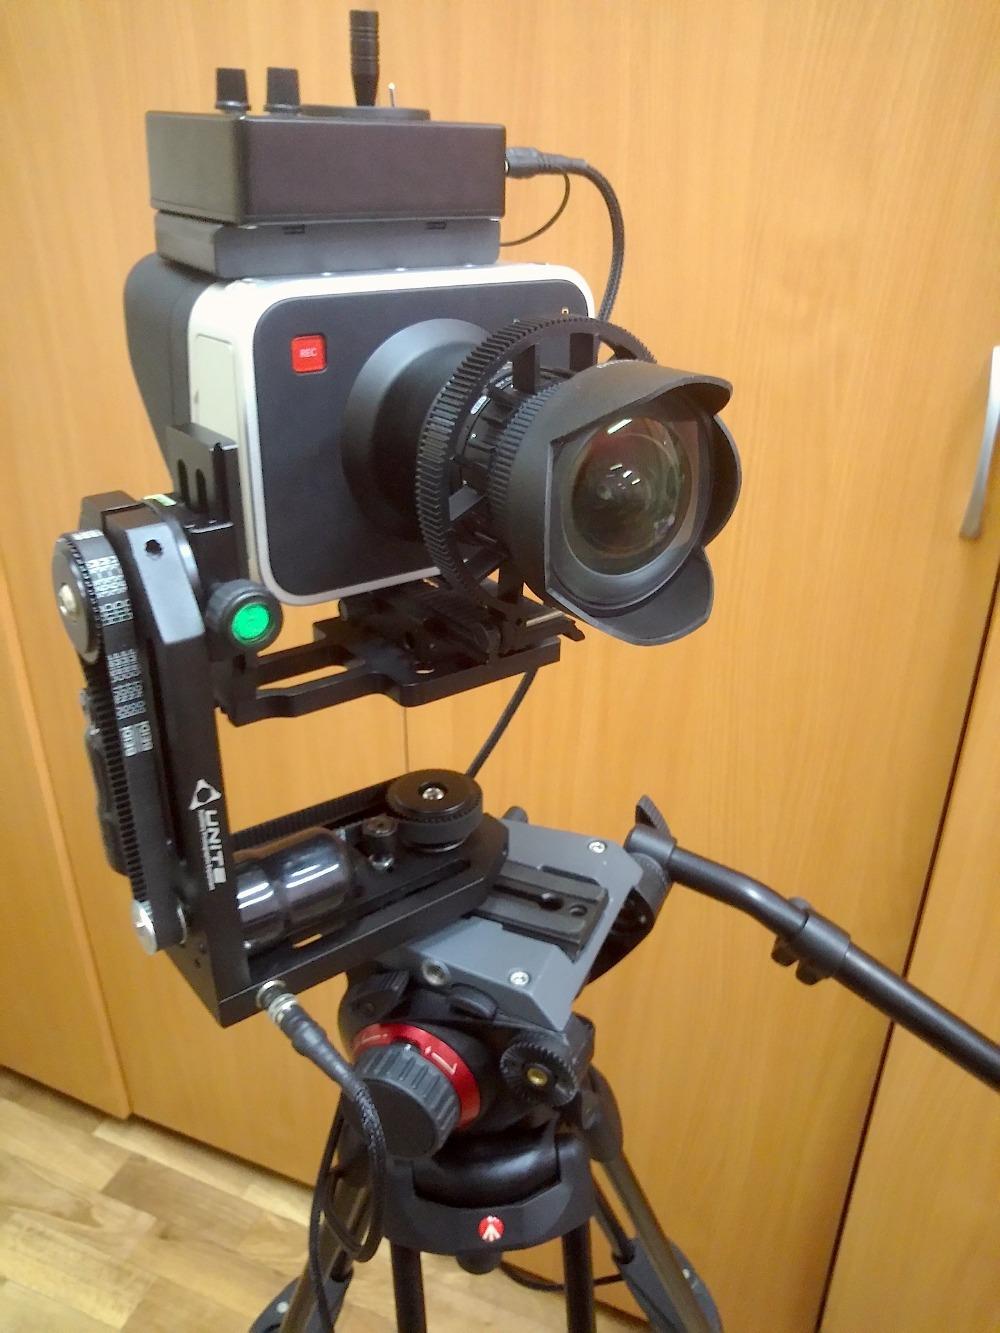 Cineranger motorized pan tilt head for blackmagic cinema for Pan and tilt head motorized